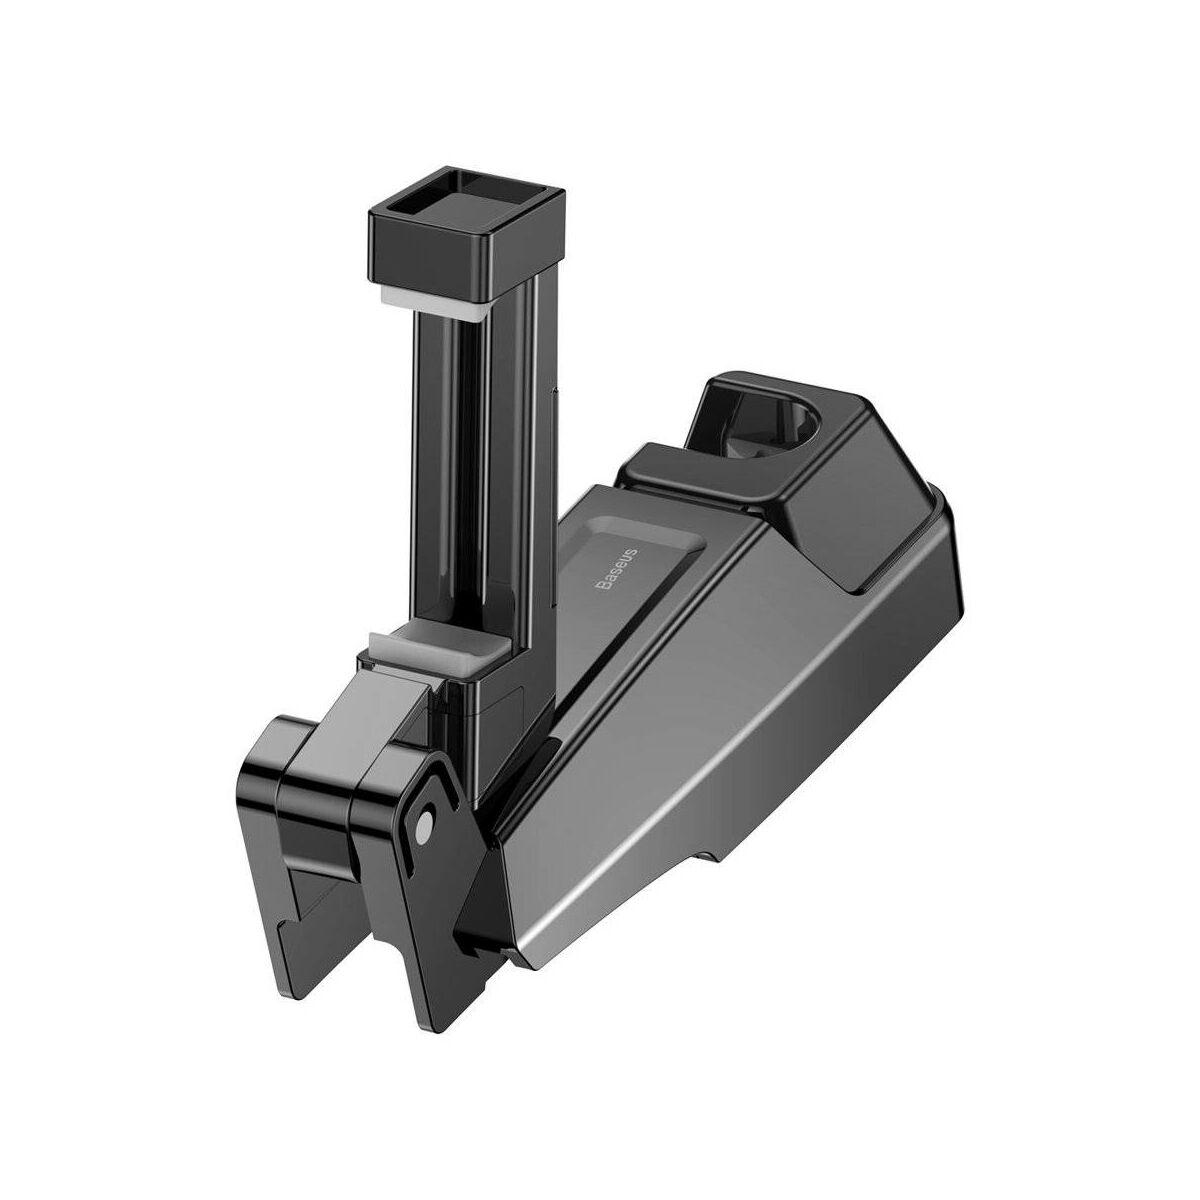 Baseus autós telefon tartó, Első ülés fejtámlához rögzíthető készülék tartó, ruha akasztóval 4.0-6.5 inch méretig, fekete (SUHZ-A01)